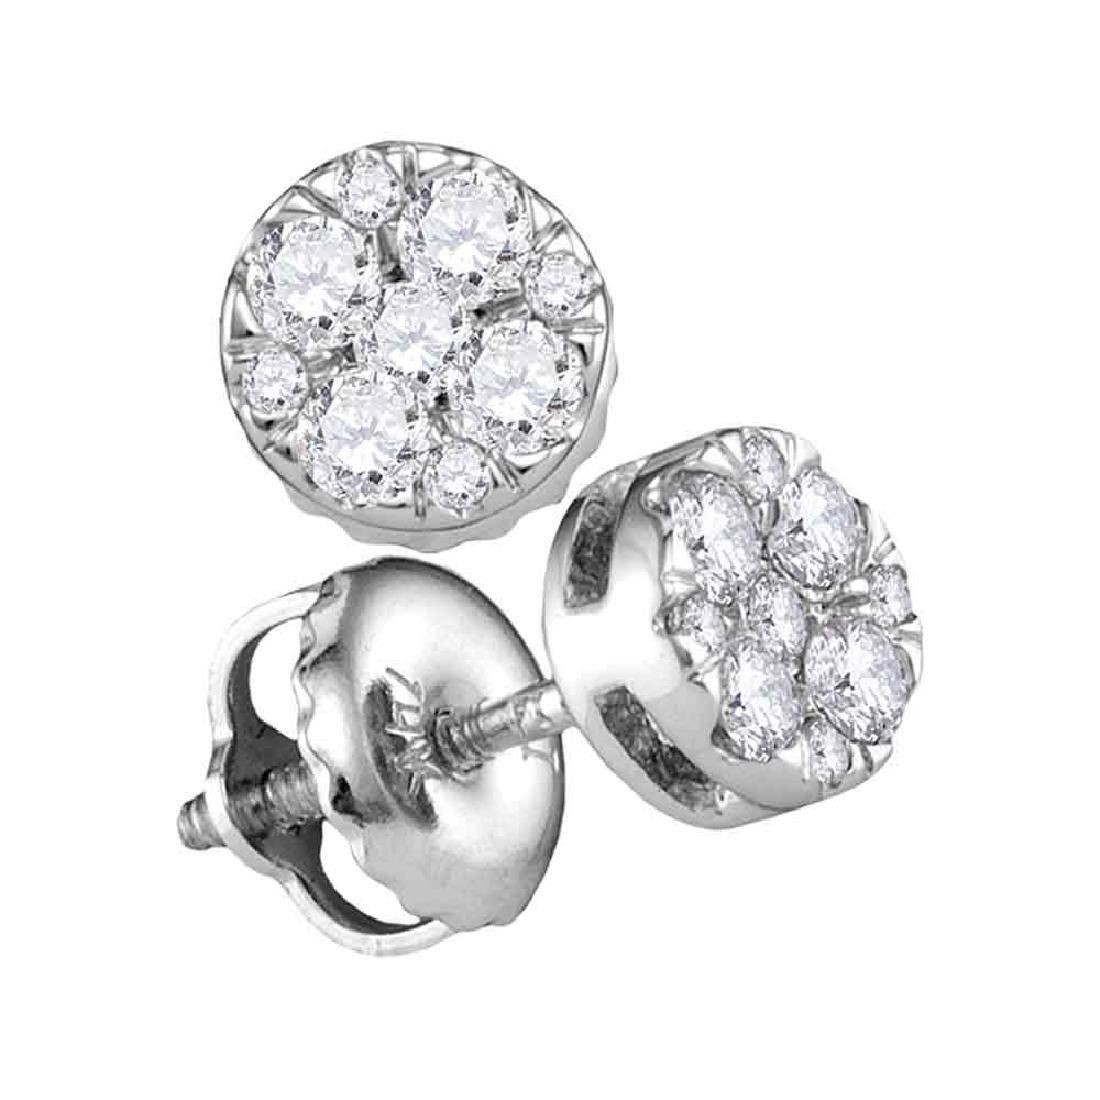 0.25 CTW Diamond Cluster Earrings 14KT White Gold -